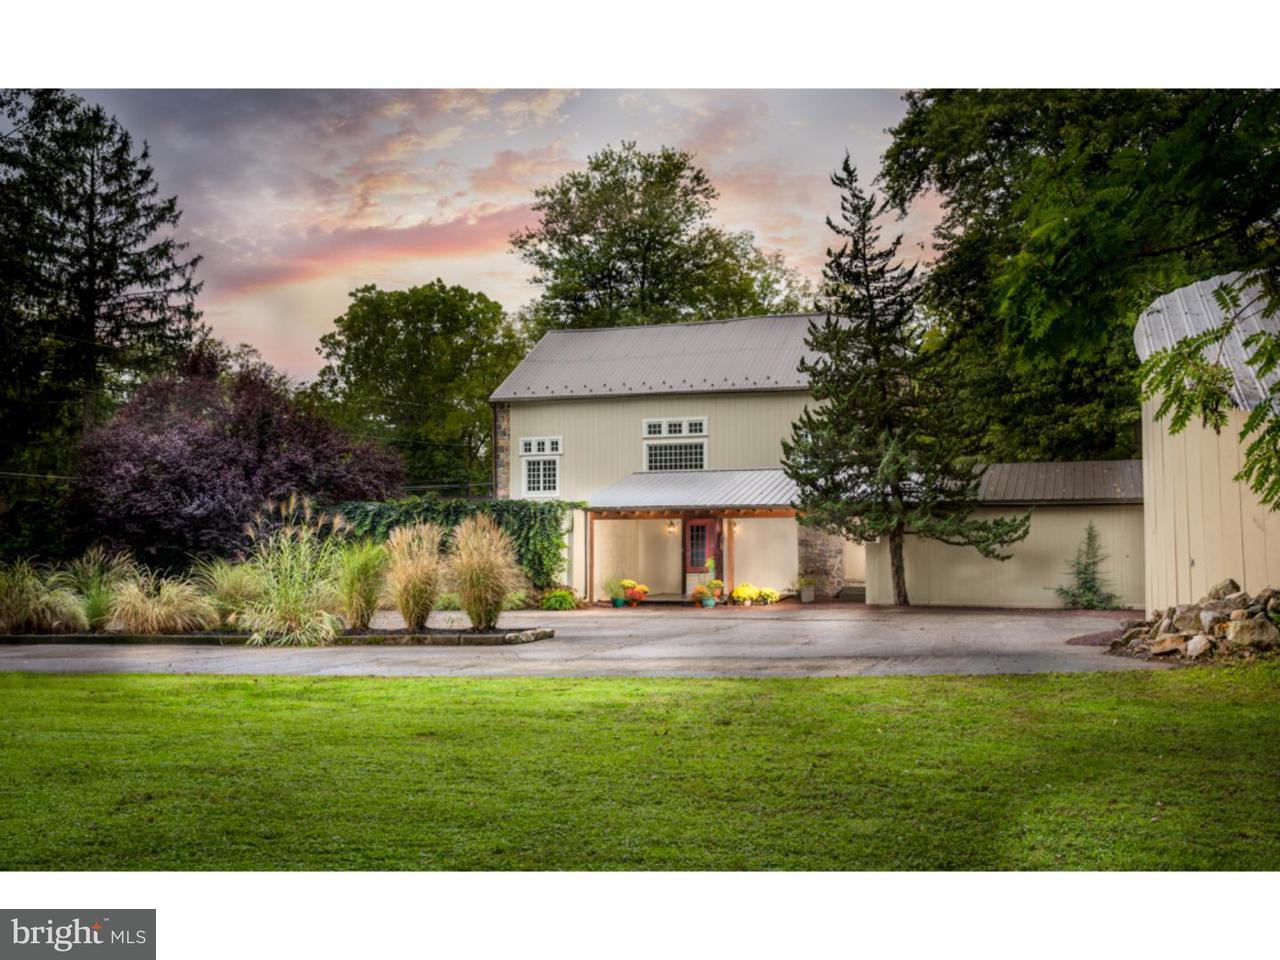 独户住宅 为 销售 在 635 ROYAL MANOR Road 伊斯顿, 宾夕法尼亚州 18042 美国